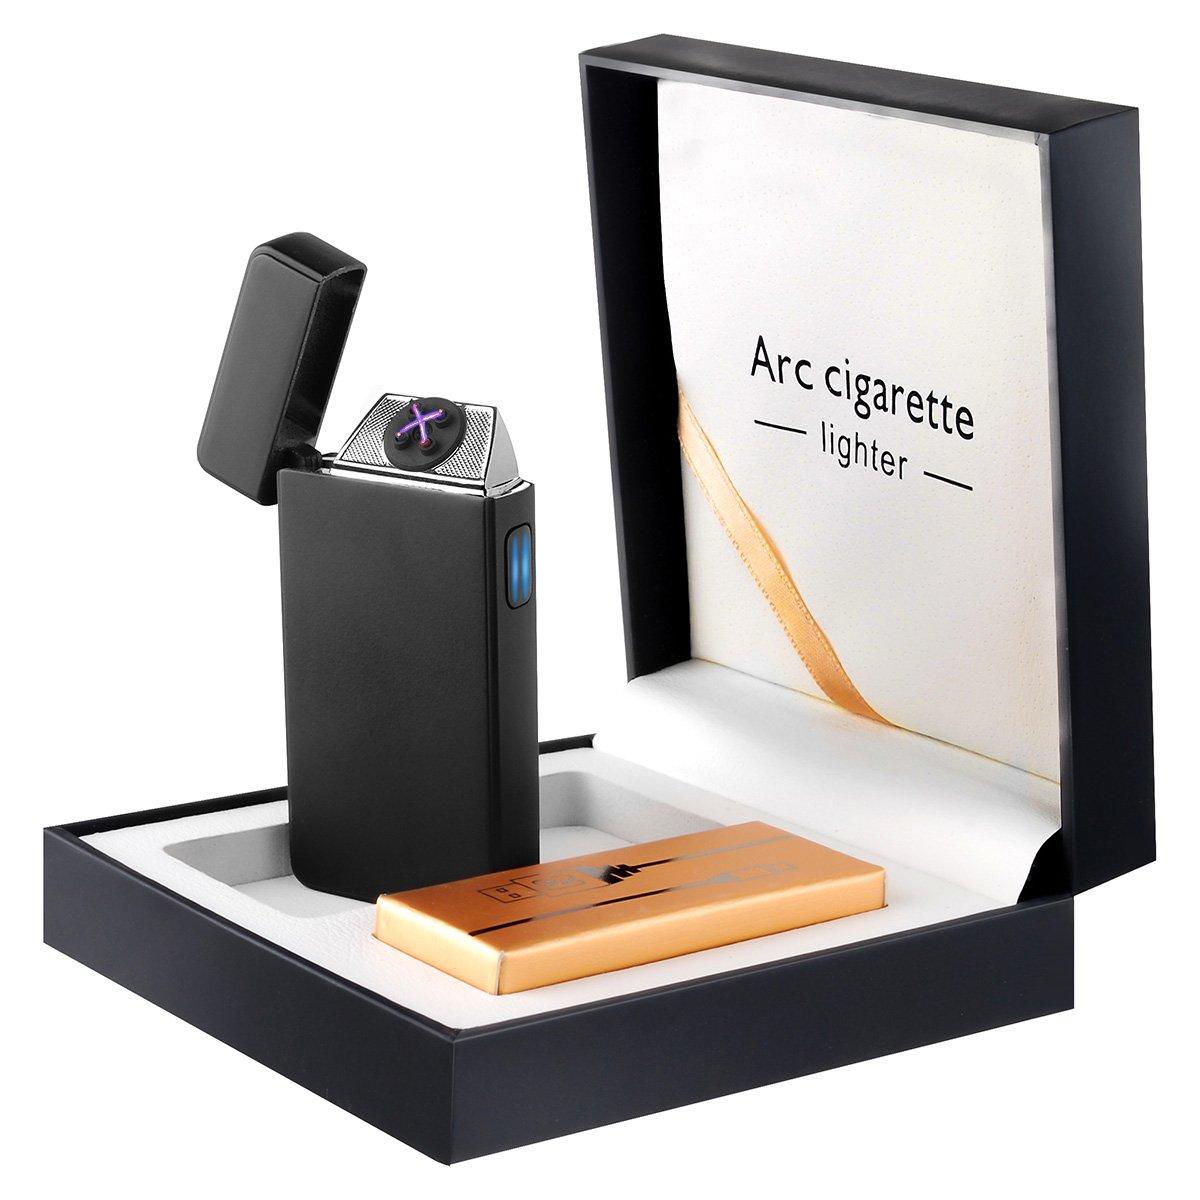 Facetoworld Accendino Elettrico, USB Ricaricabile a Doppio Arco Ricarica Veloce per Sigaretta, Cucina, Barbecue, Camino, Campeggio, Candela, Antivento Ricaricabile con Cavo USB Piccolo e Tascabile